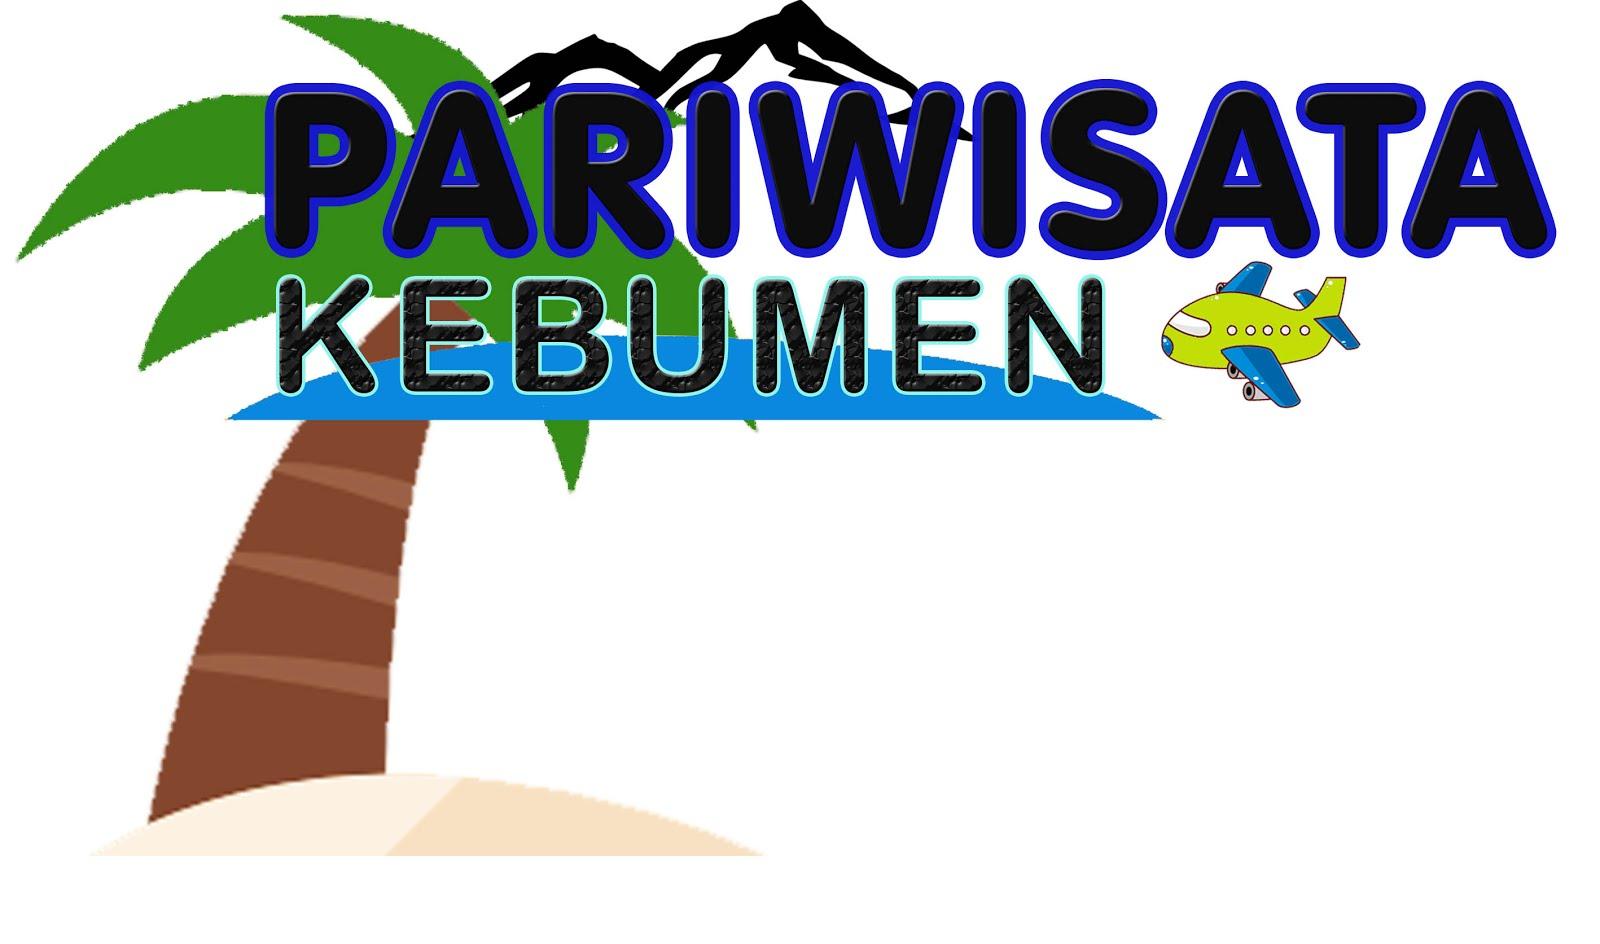 Dinas Kepemudaan dan Olahraga dan Pariwisata Kabupaten Kebumen